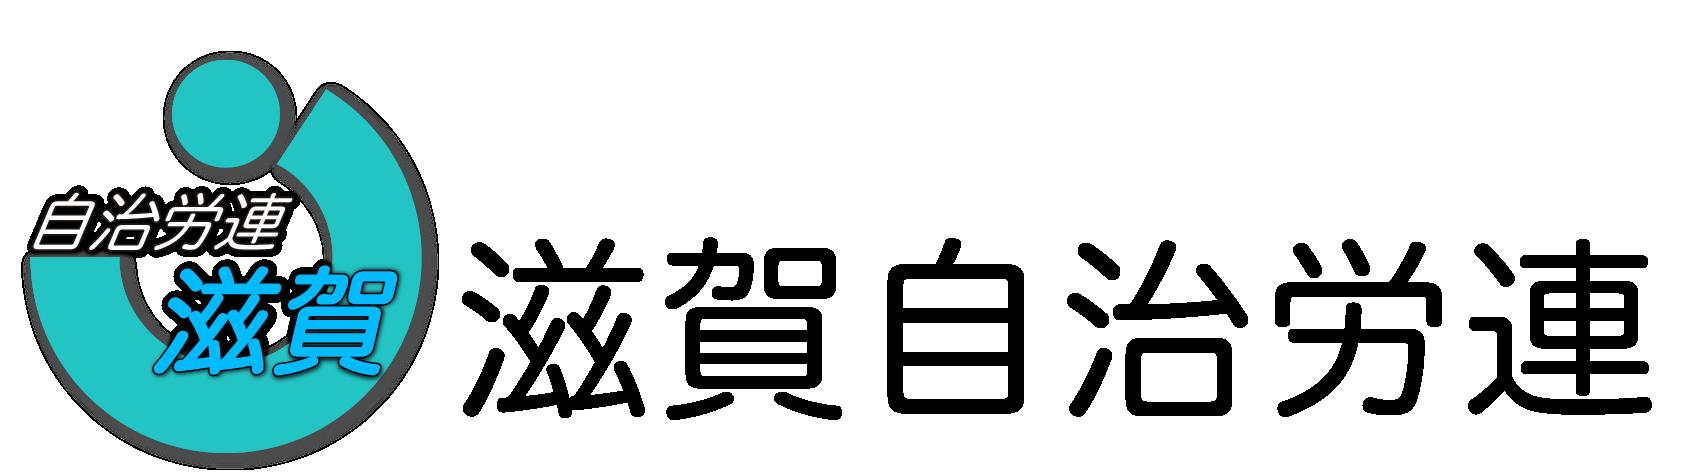 滋賀自治労連ロゴ